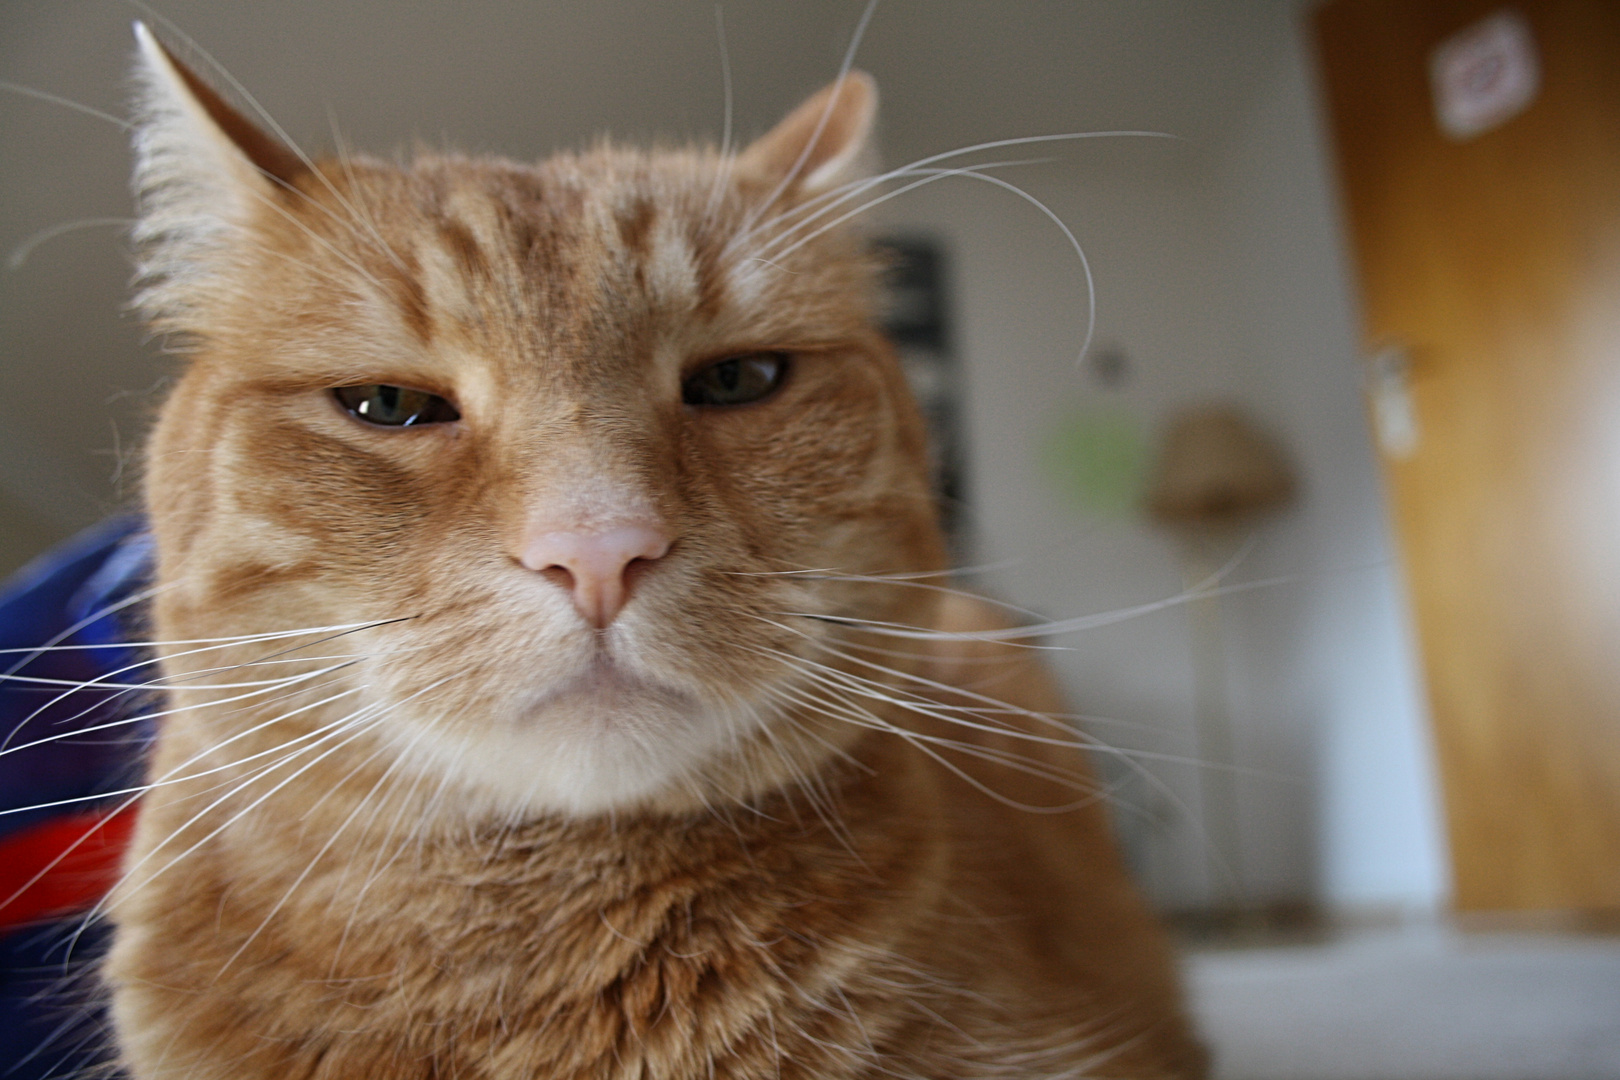 Mr Cat findet das garnicht faszinierend. ;)